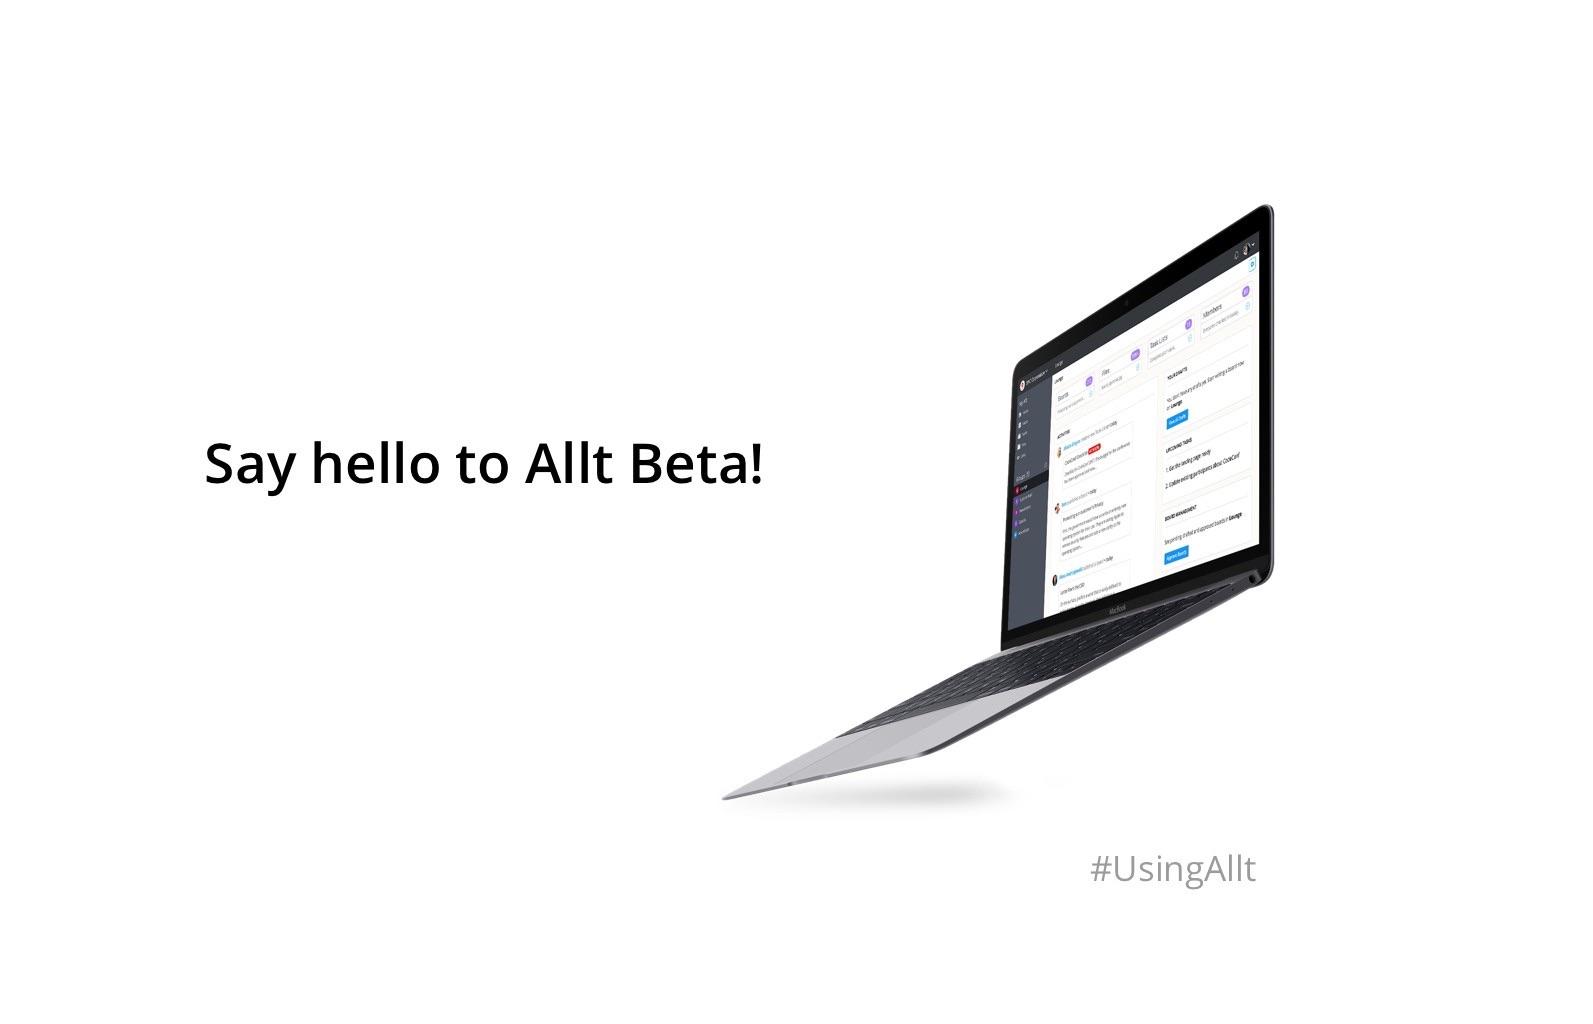 Say hello to Allt Beta